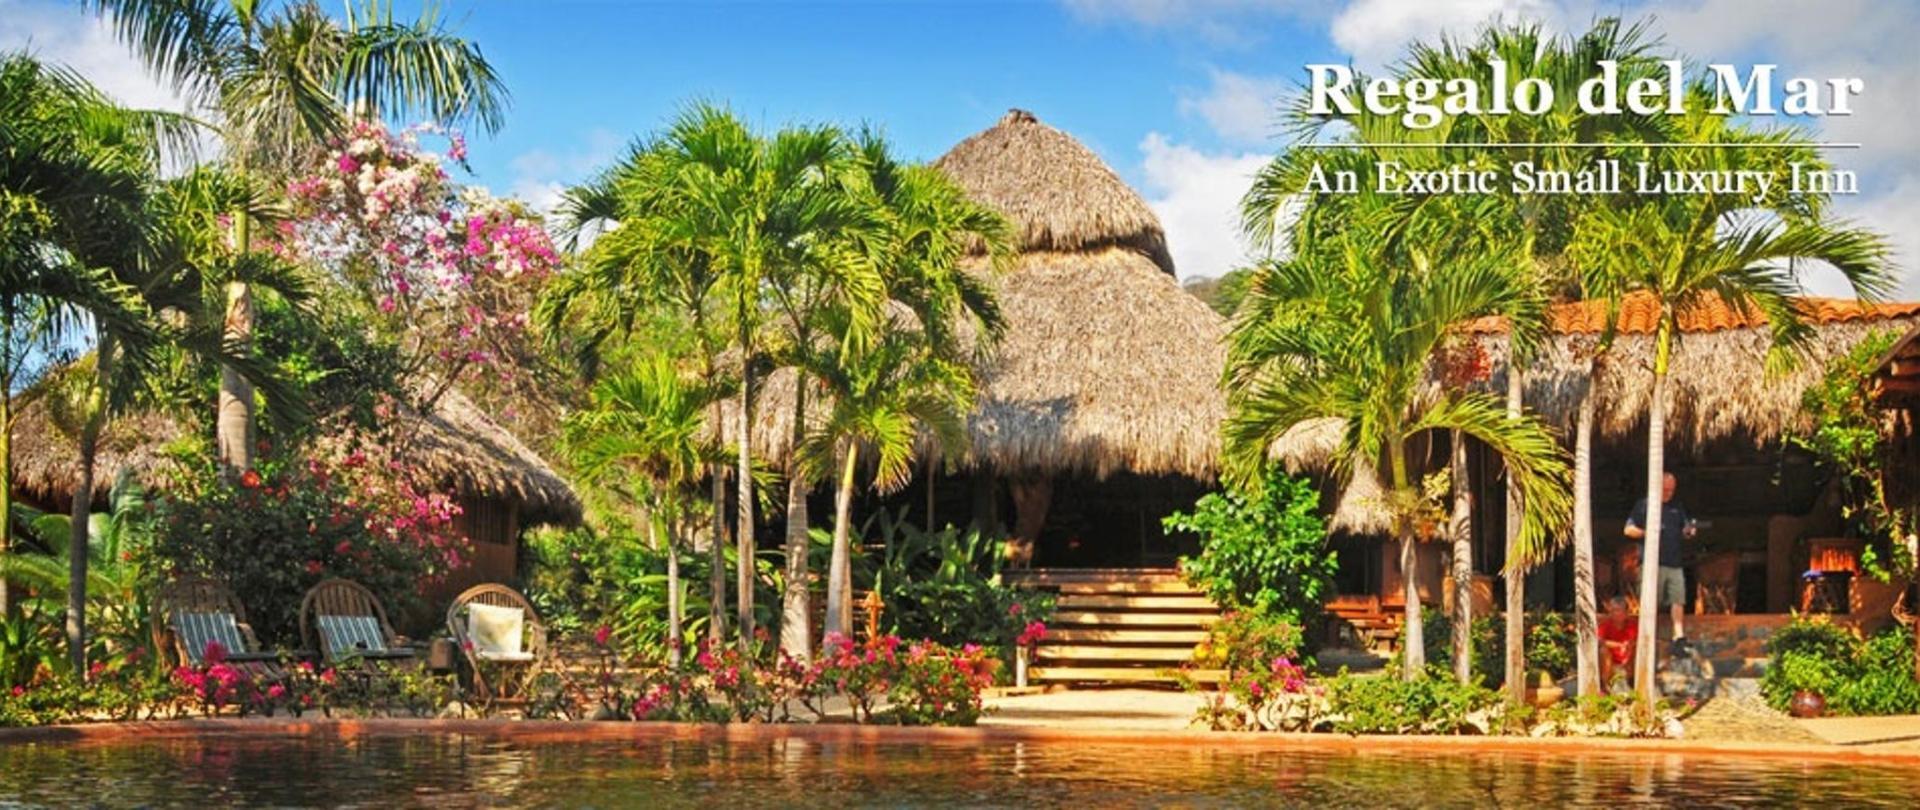 Regalo del Mar Vacation Inn